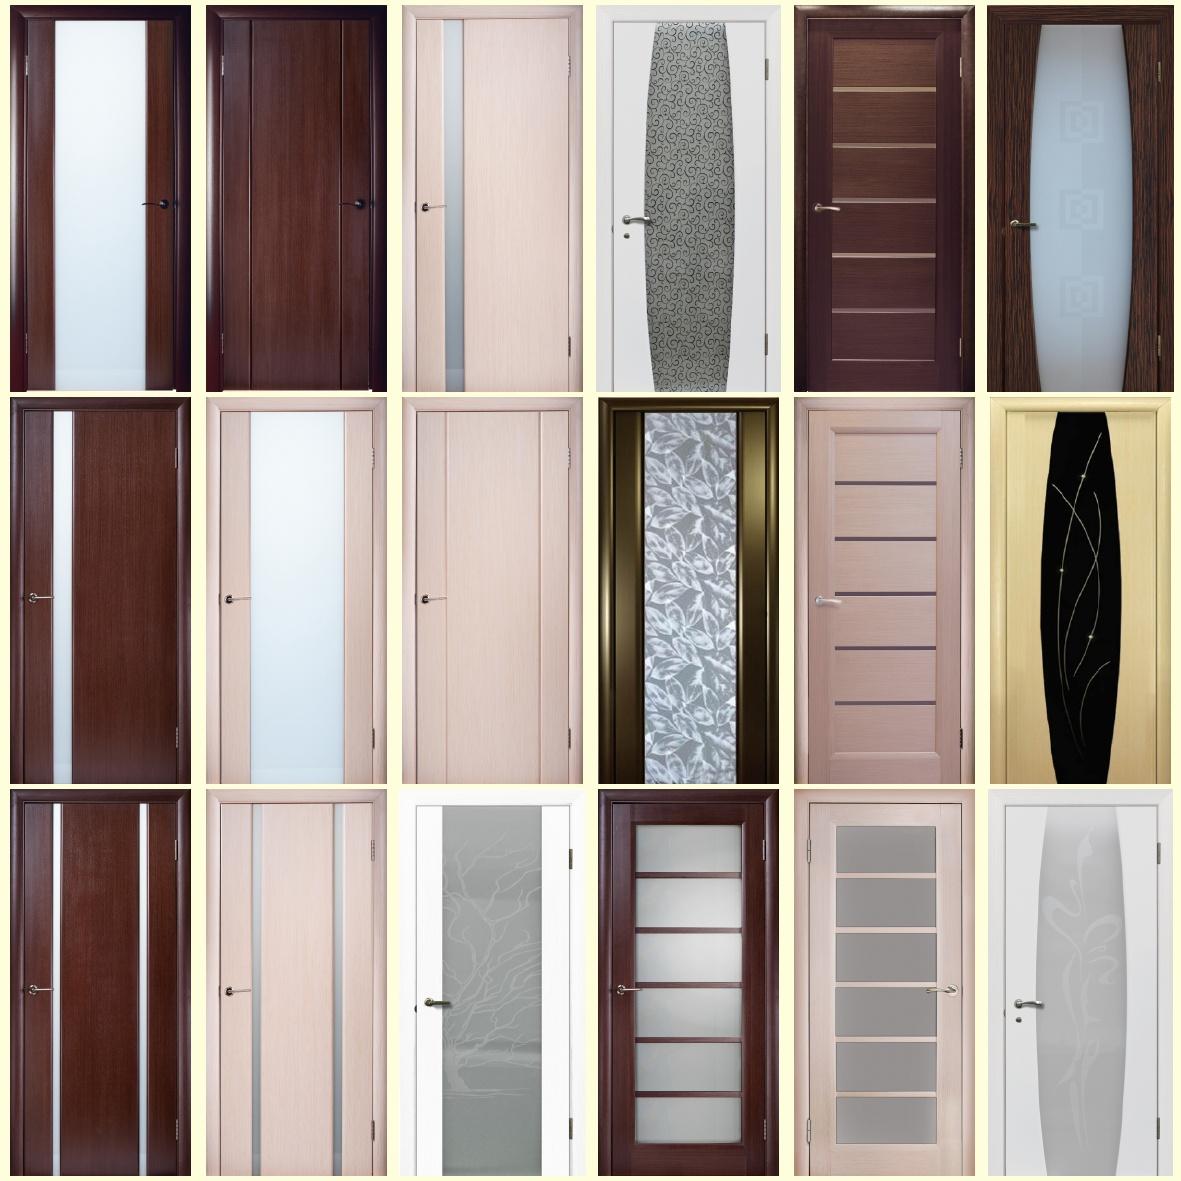 Каталог межкомнатных дверей с ценами и фото